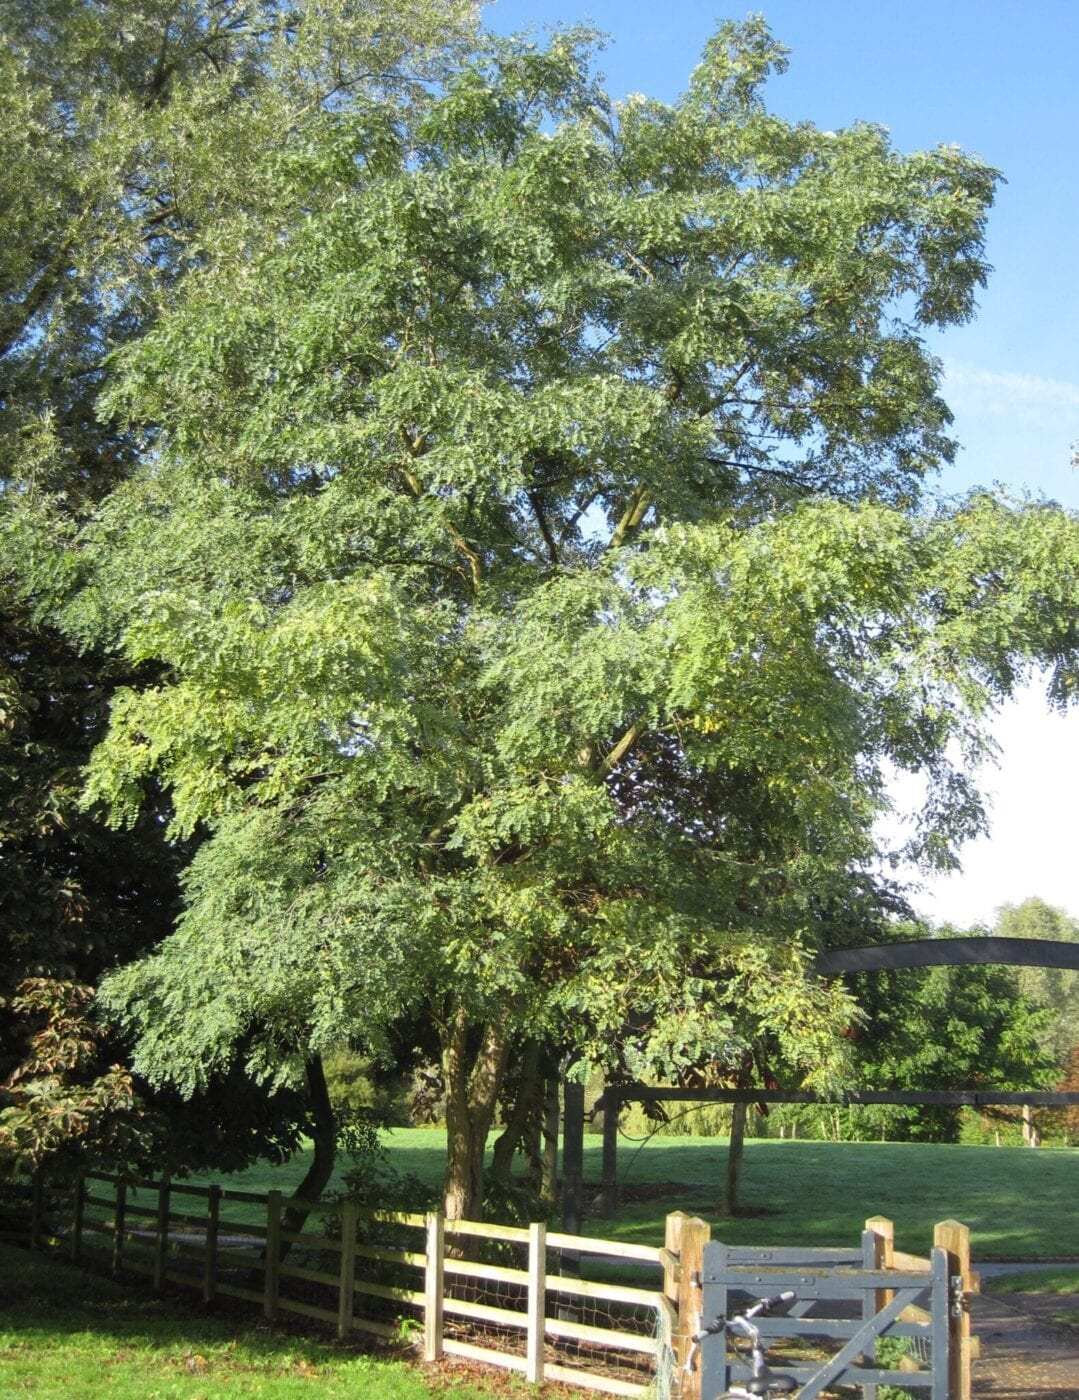 False Acacia tree